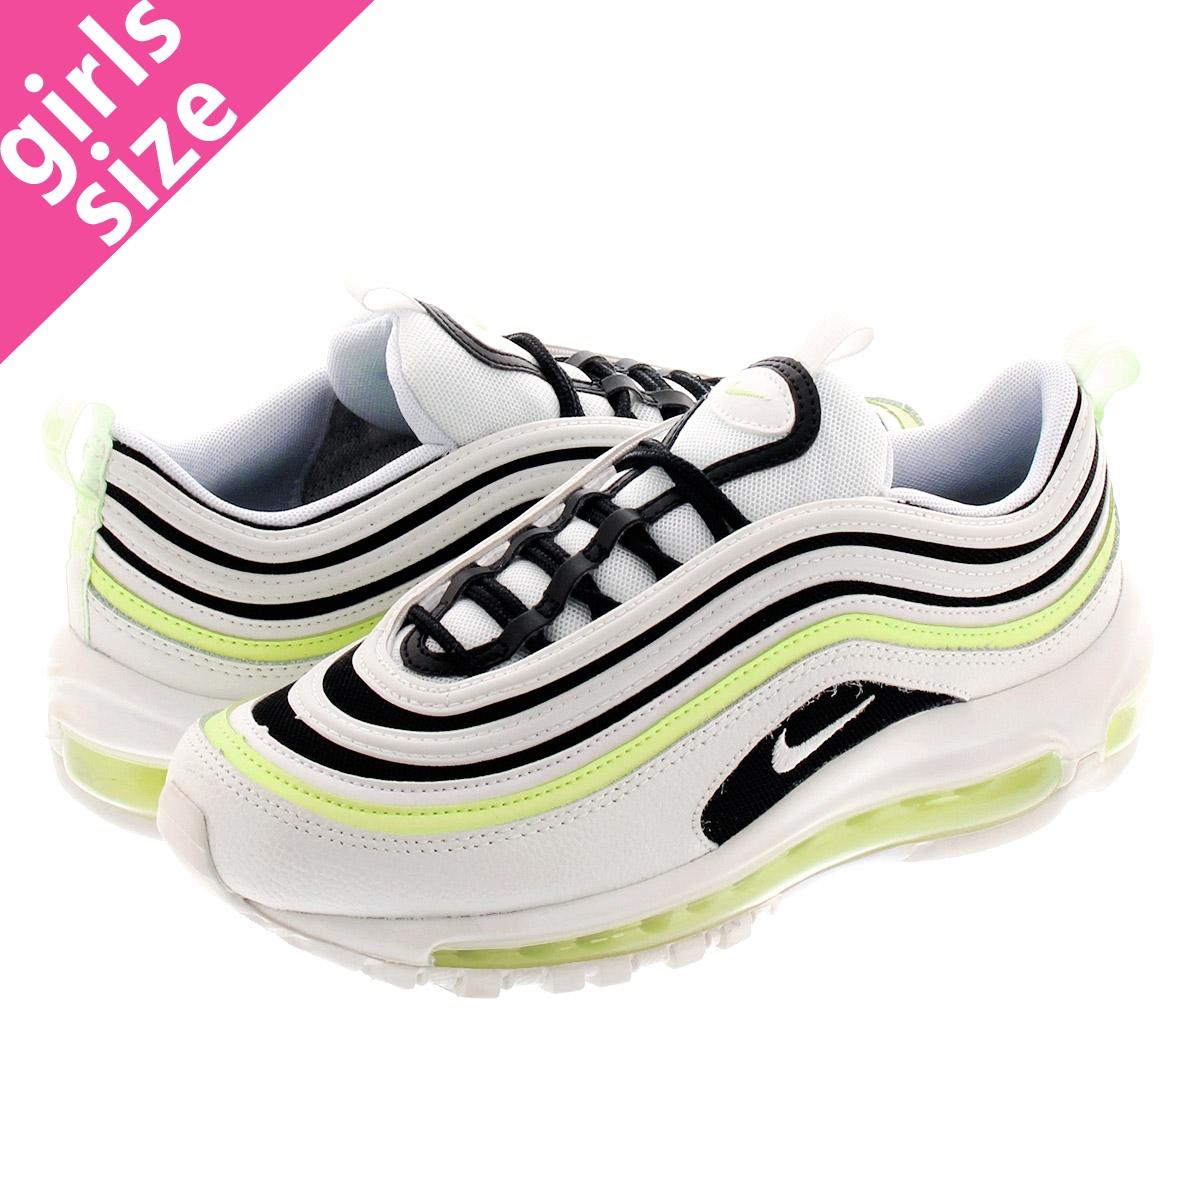 Nike Wmns Air Max 97 | 921733 105